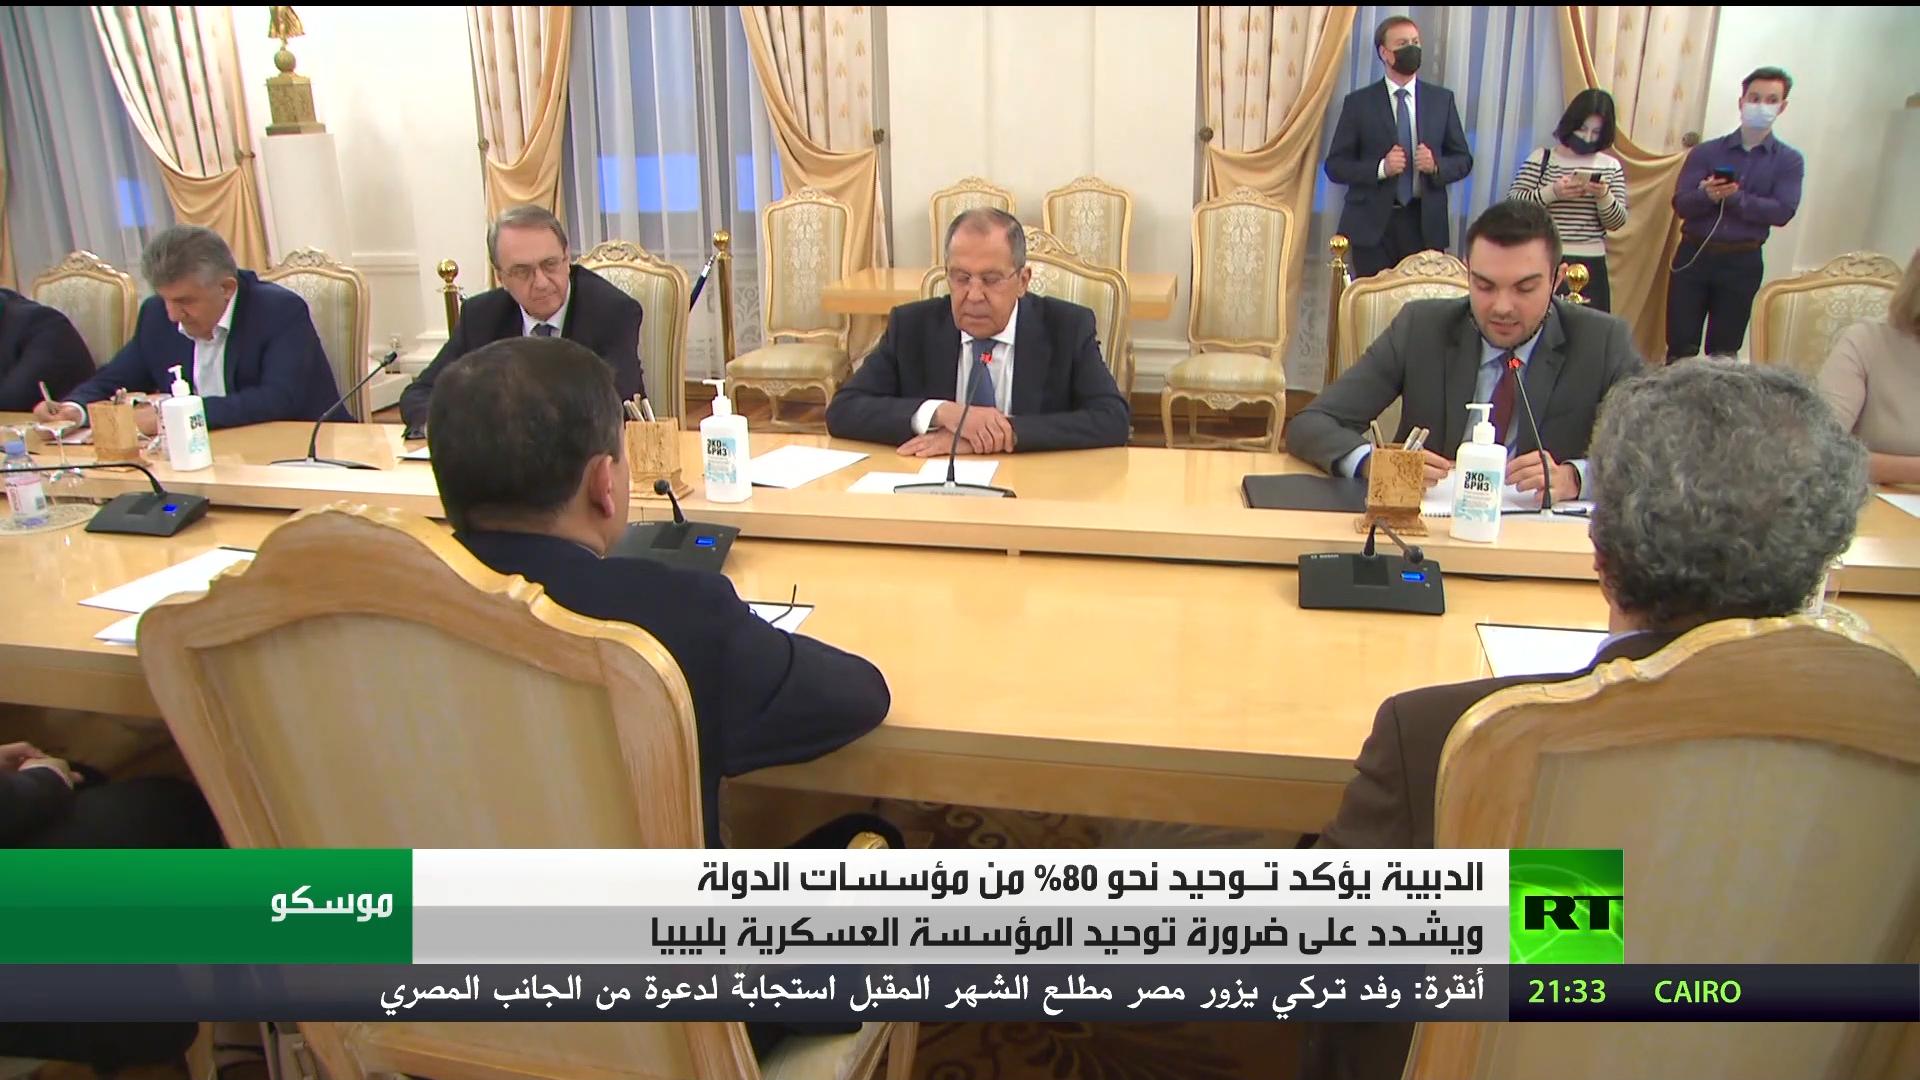 موسكو: مستعدون للتعاون لحل المشكلات في ليبيا